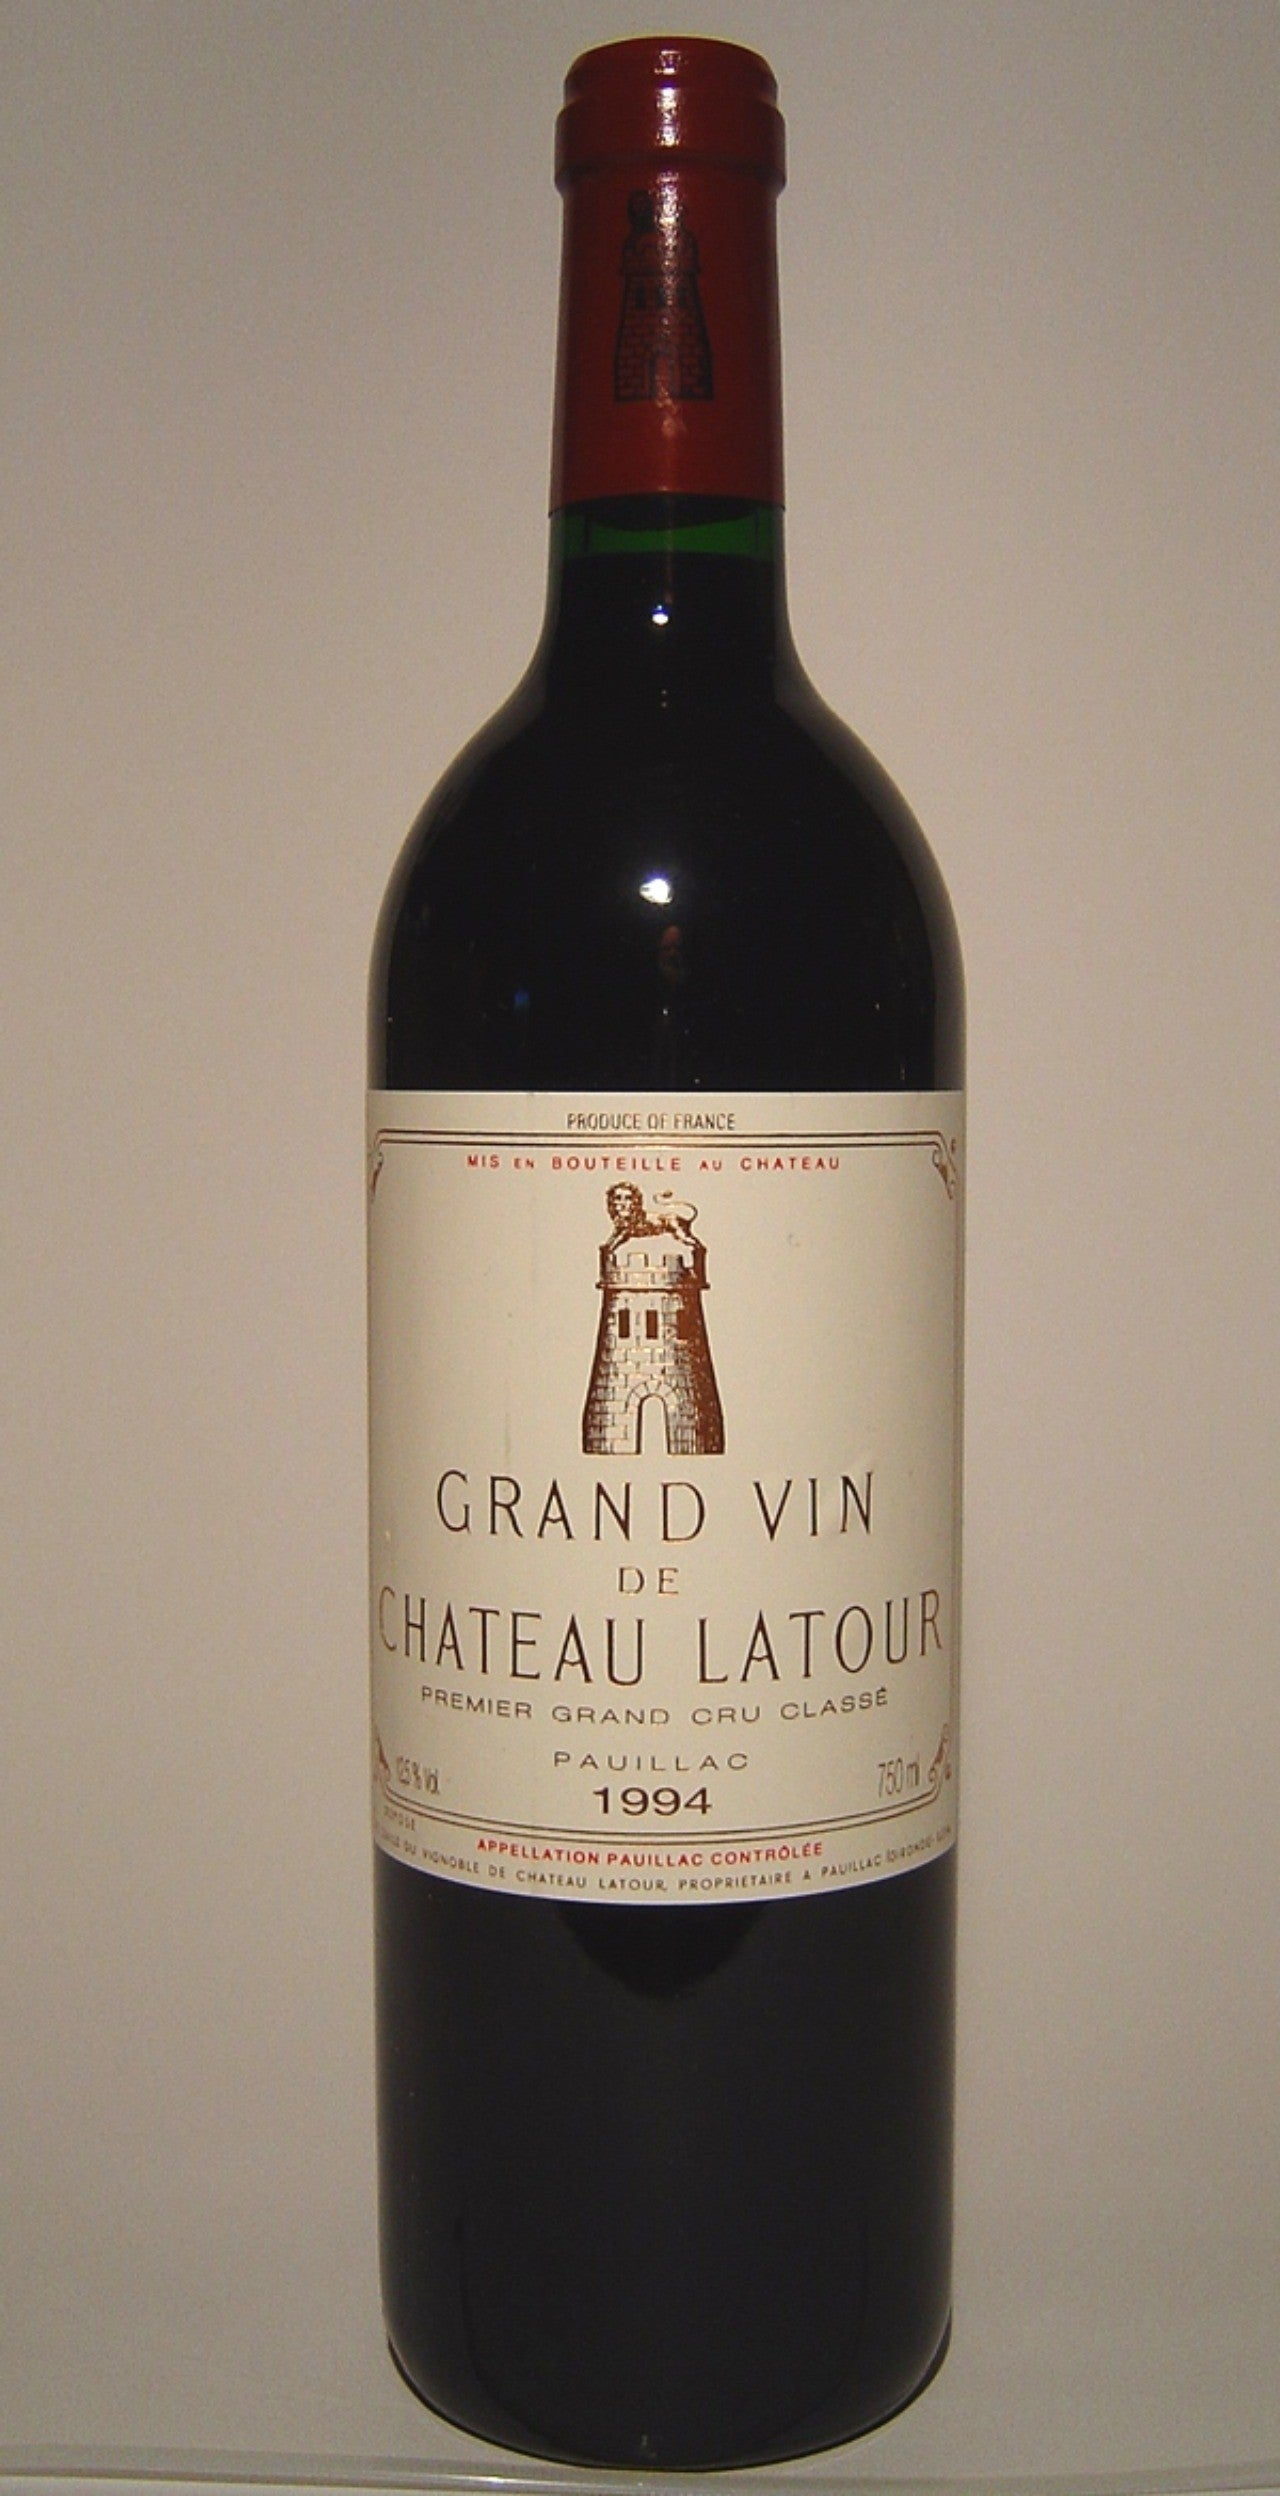 ラトゥール 1959 シャトー